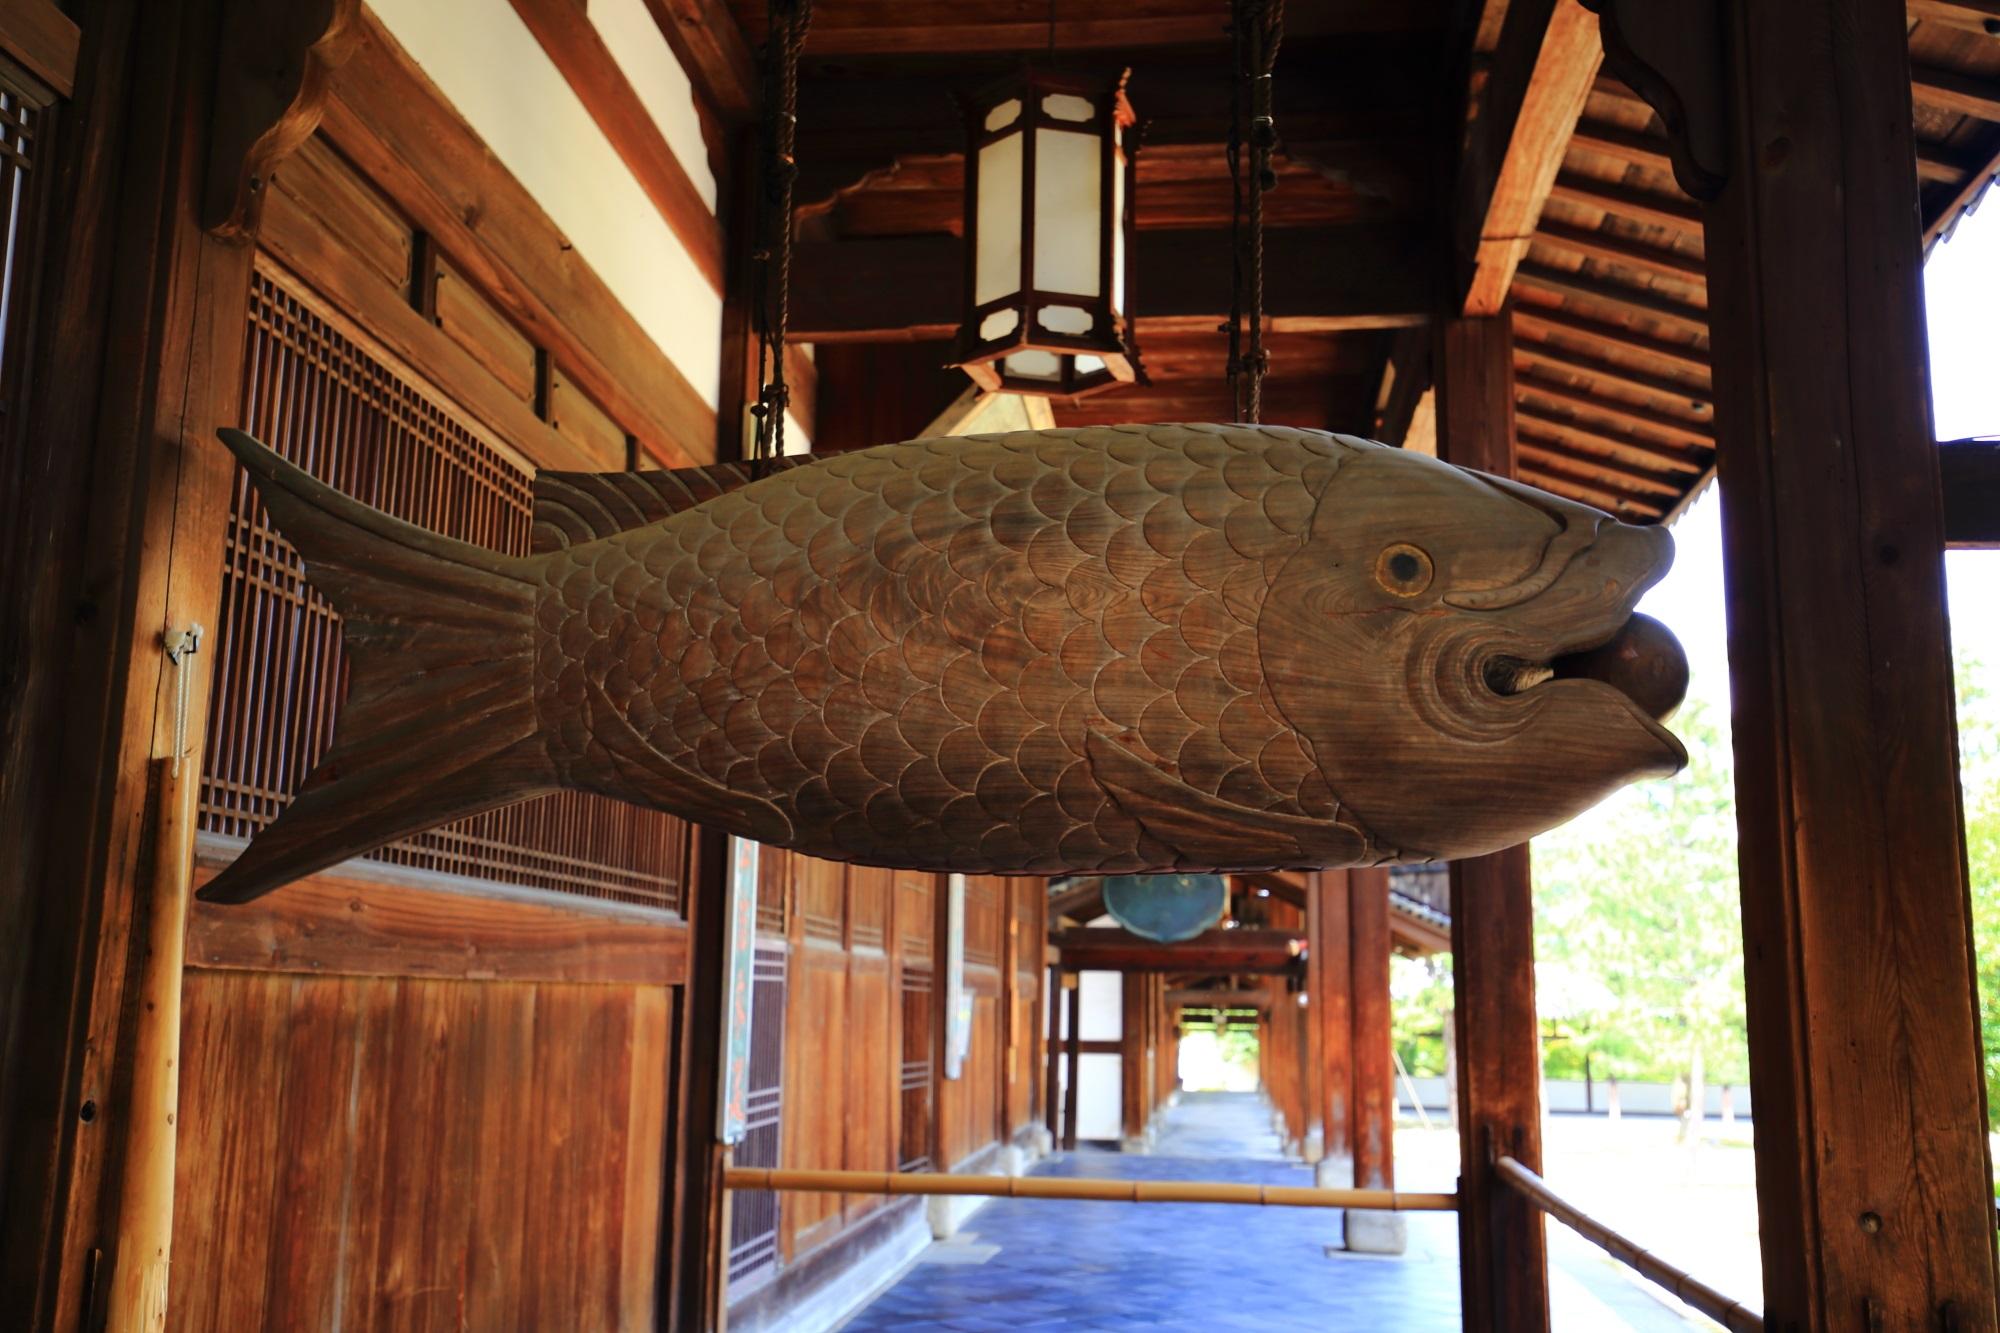 萬福寺を代表する魚の形をした開版(かいぱん)